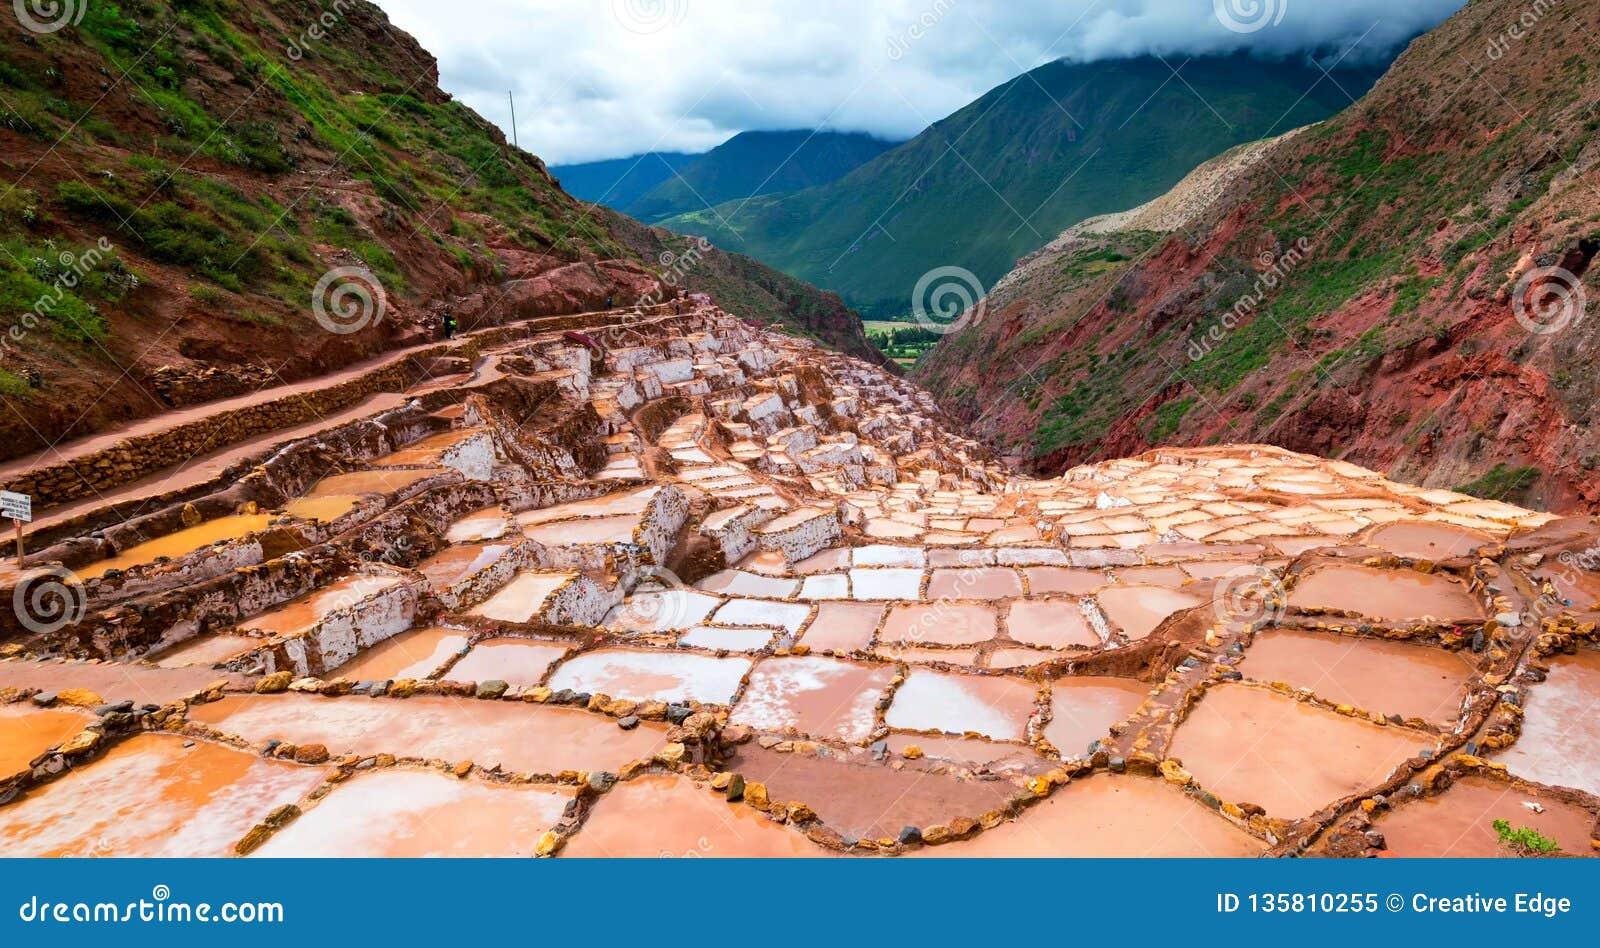 Εικόνα αποθεμάτων του τοπίου του Περού